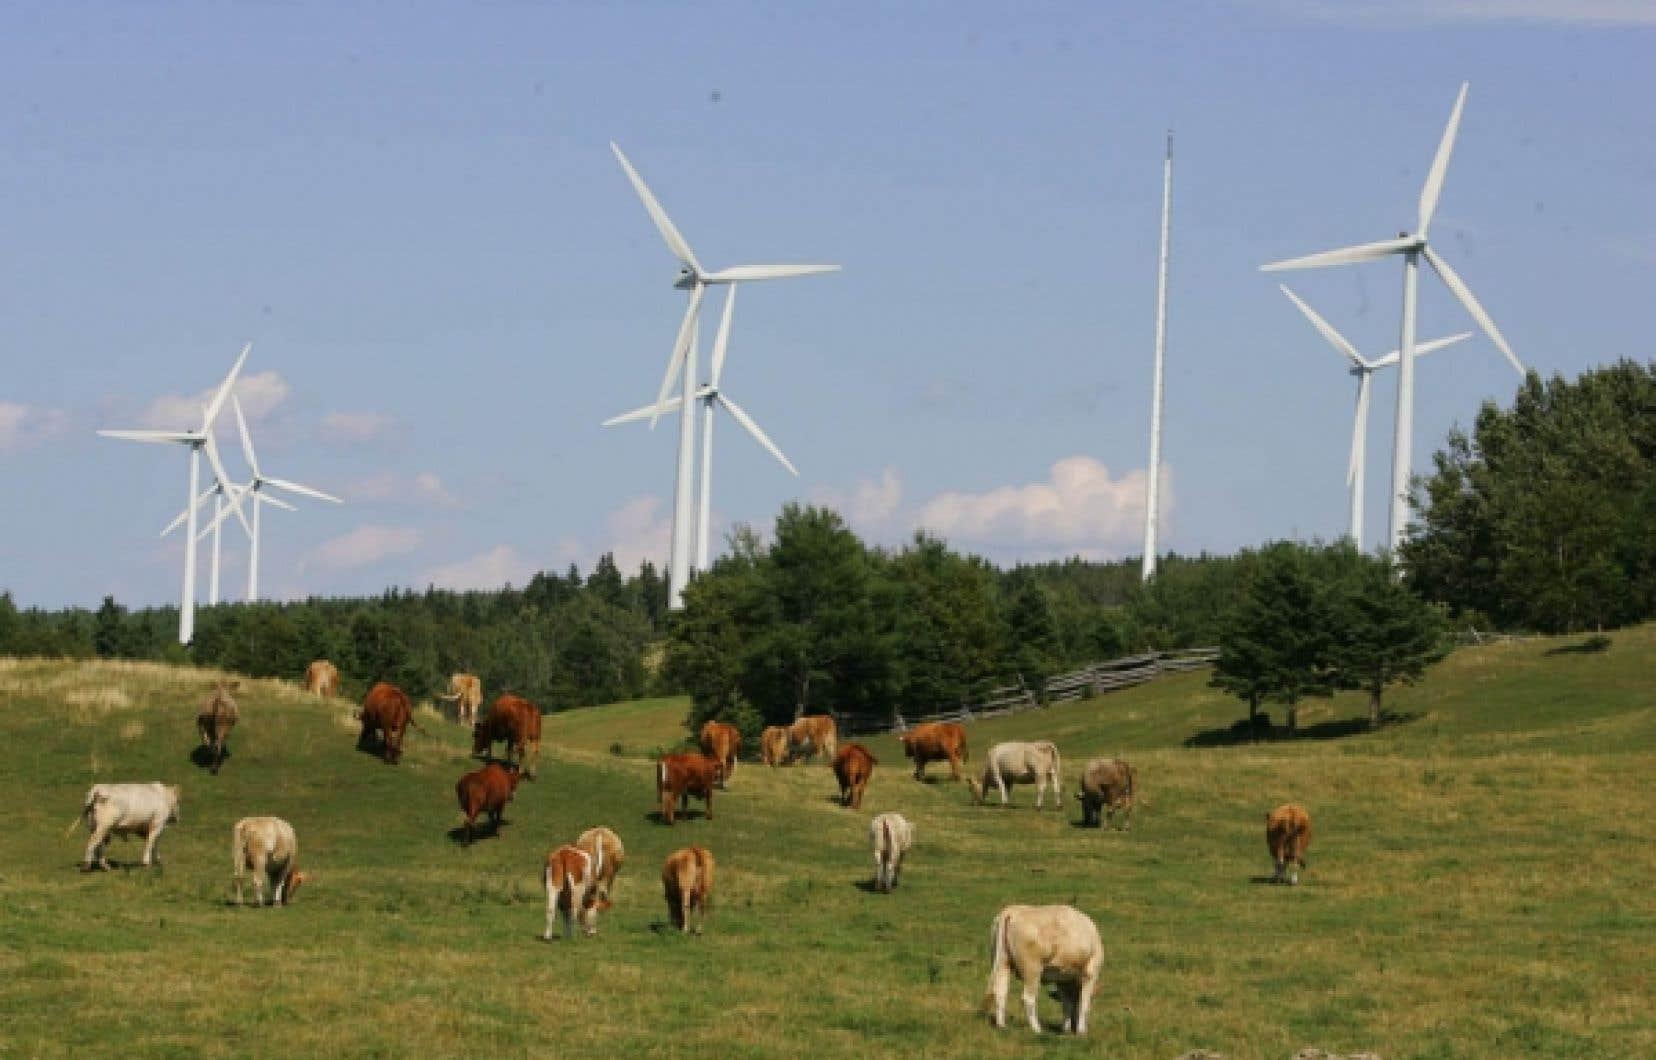 La MRC de Témiscouta a présenté un projet de parc éolien qui pourrait lui rapporter plus d'un million de dollars par année.